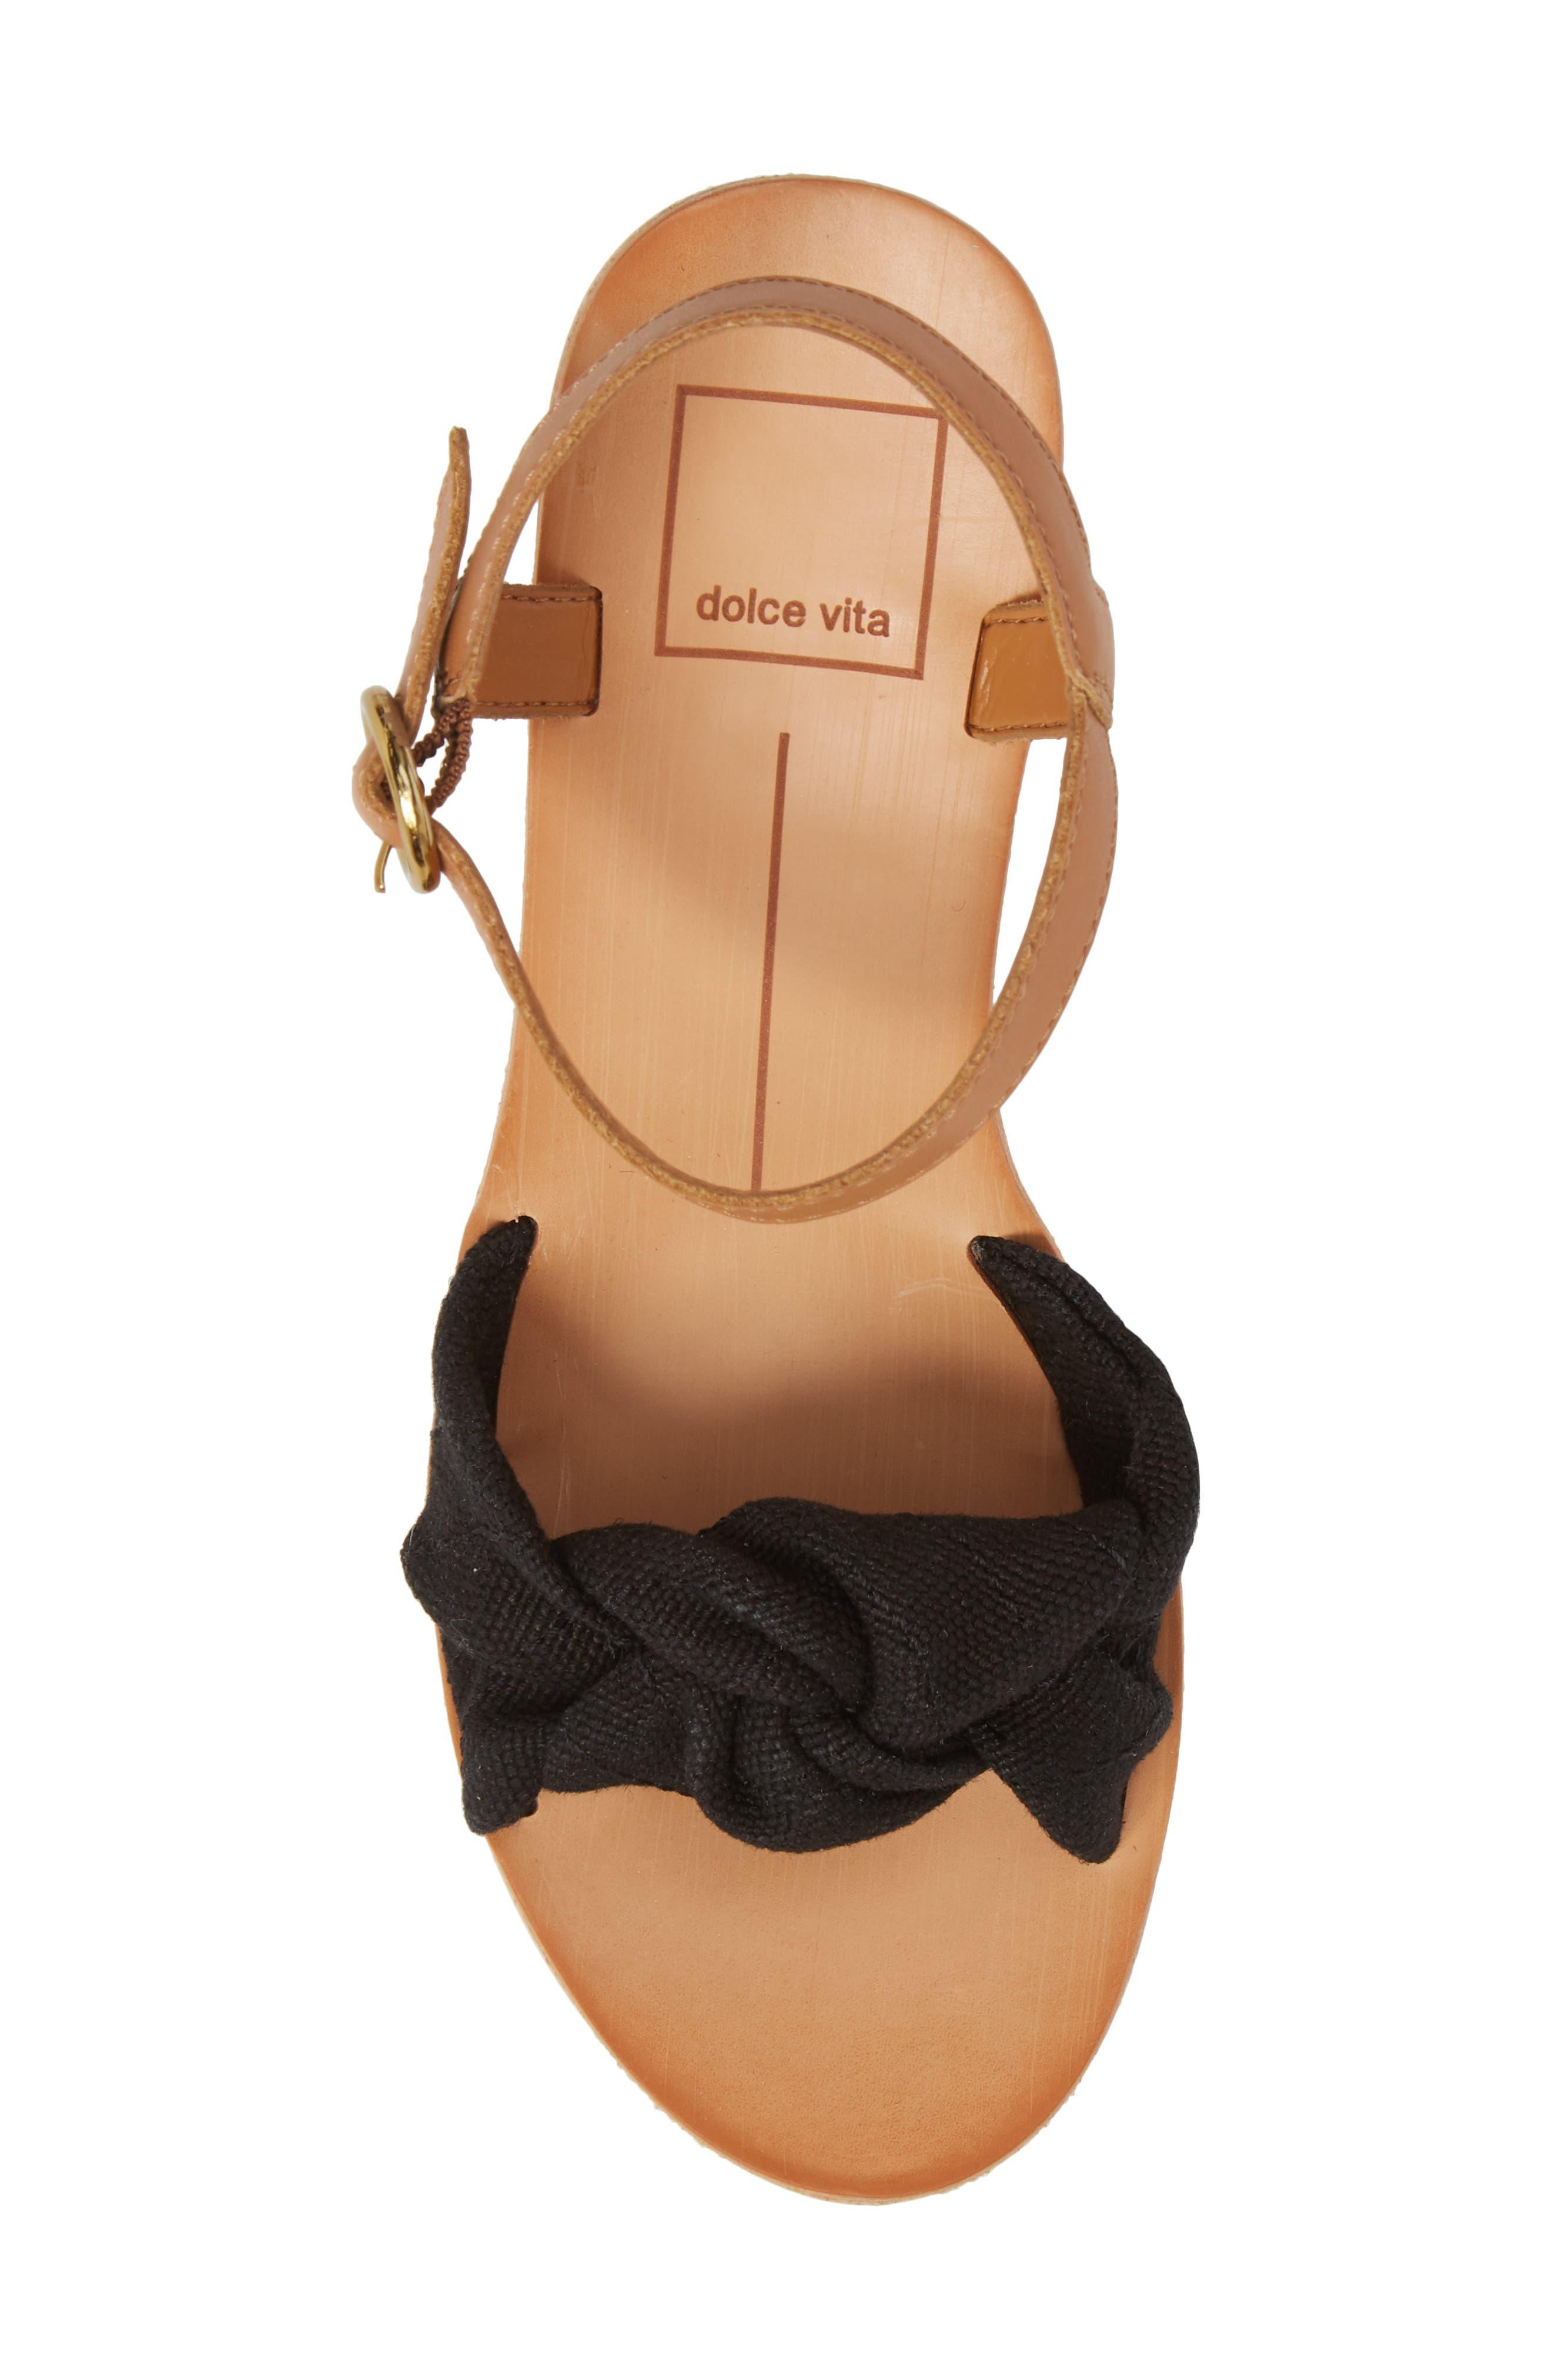 Shia Knotted Platform Sandal,                             Alternate thumbnail 5, color,                             Black Linen